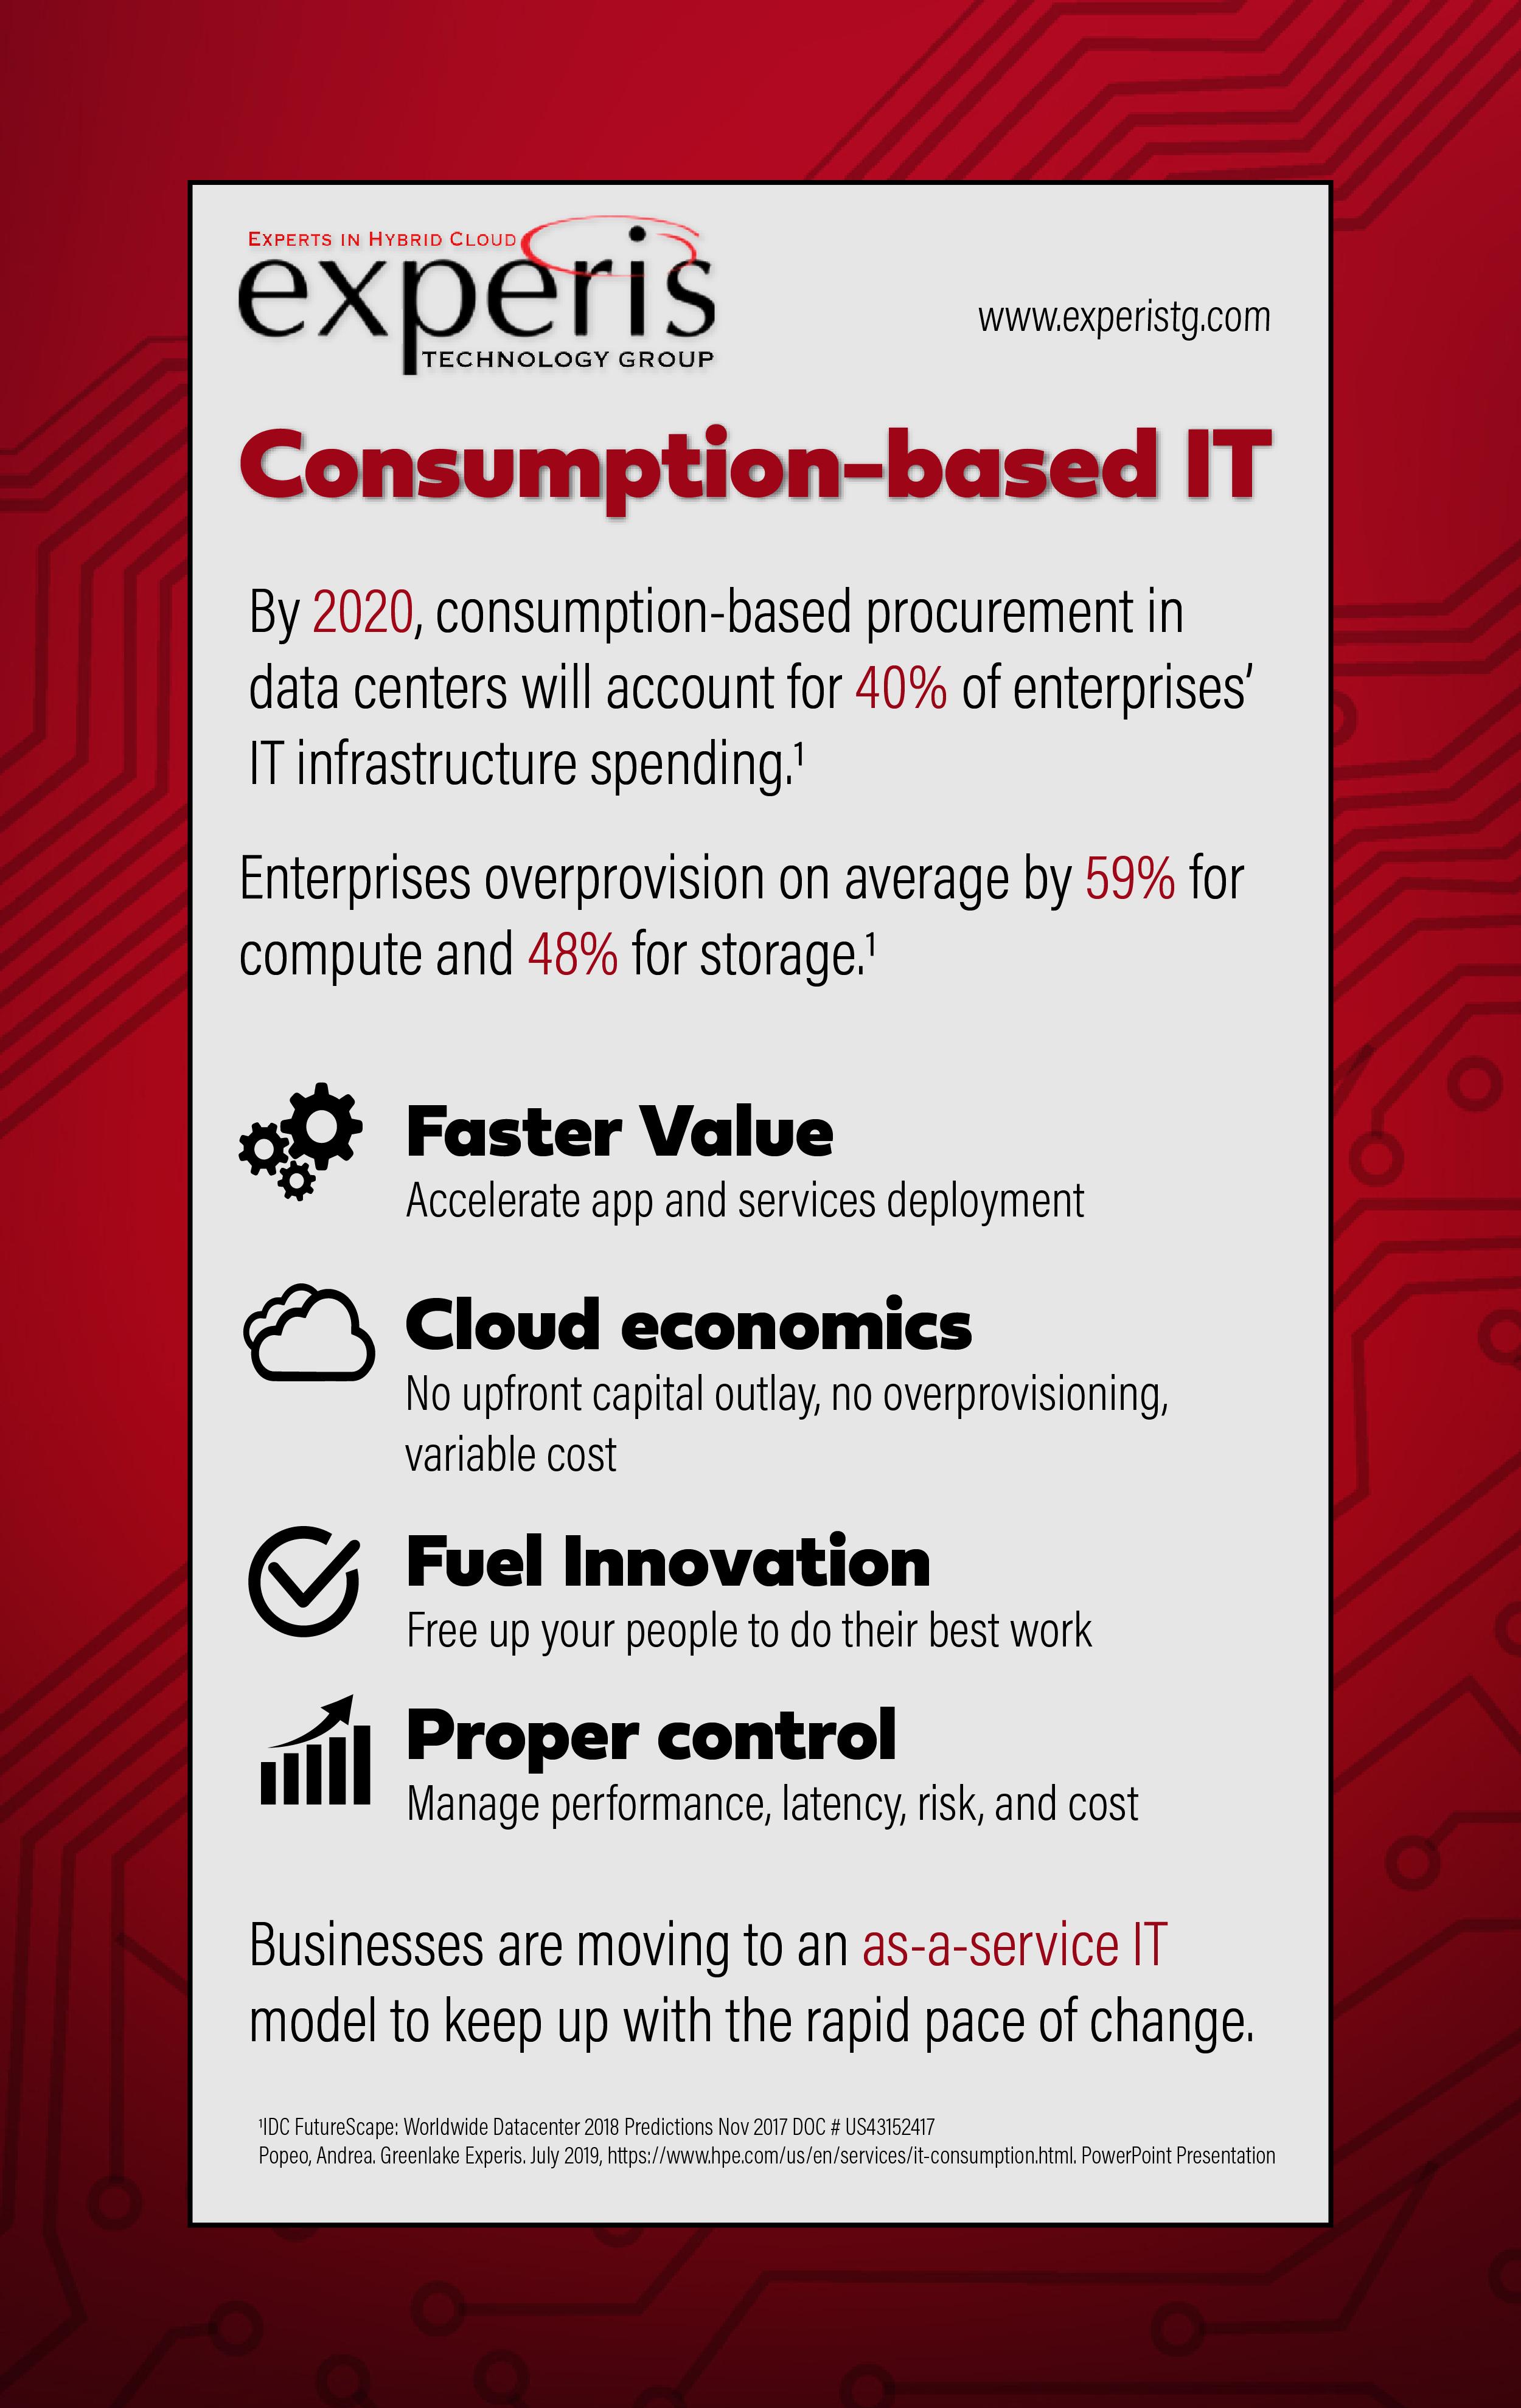 Consumption Based It Hybrid Cloud Enterprise Technology